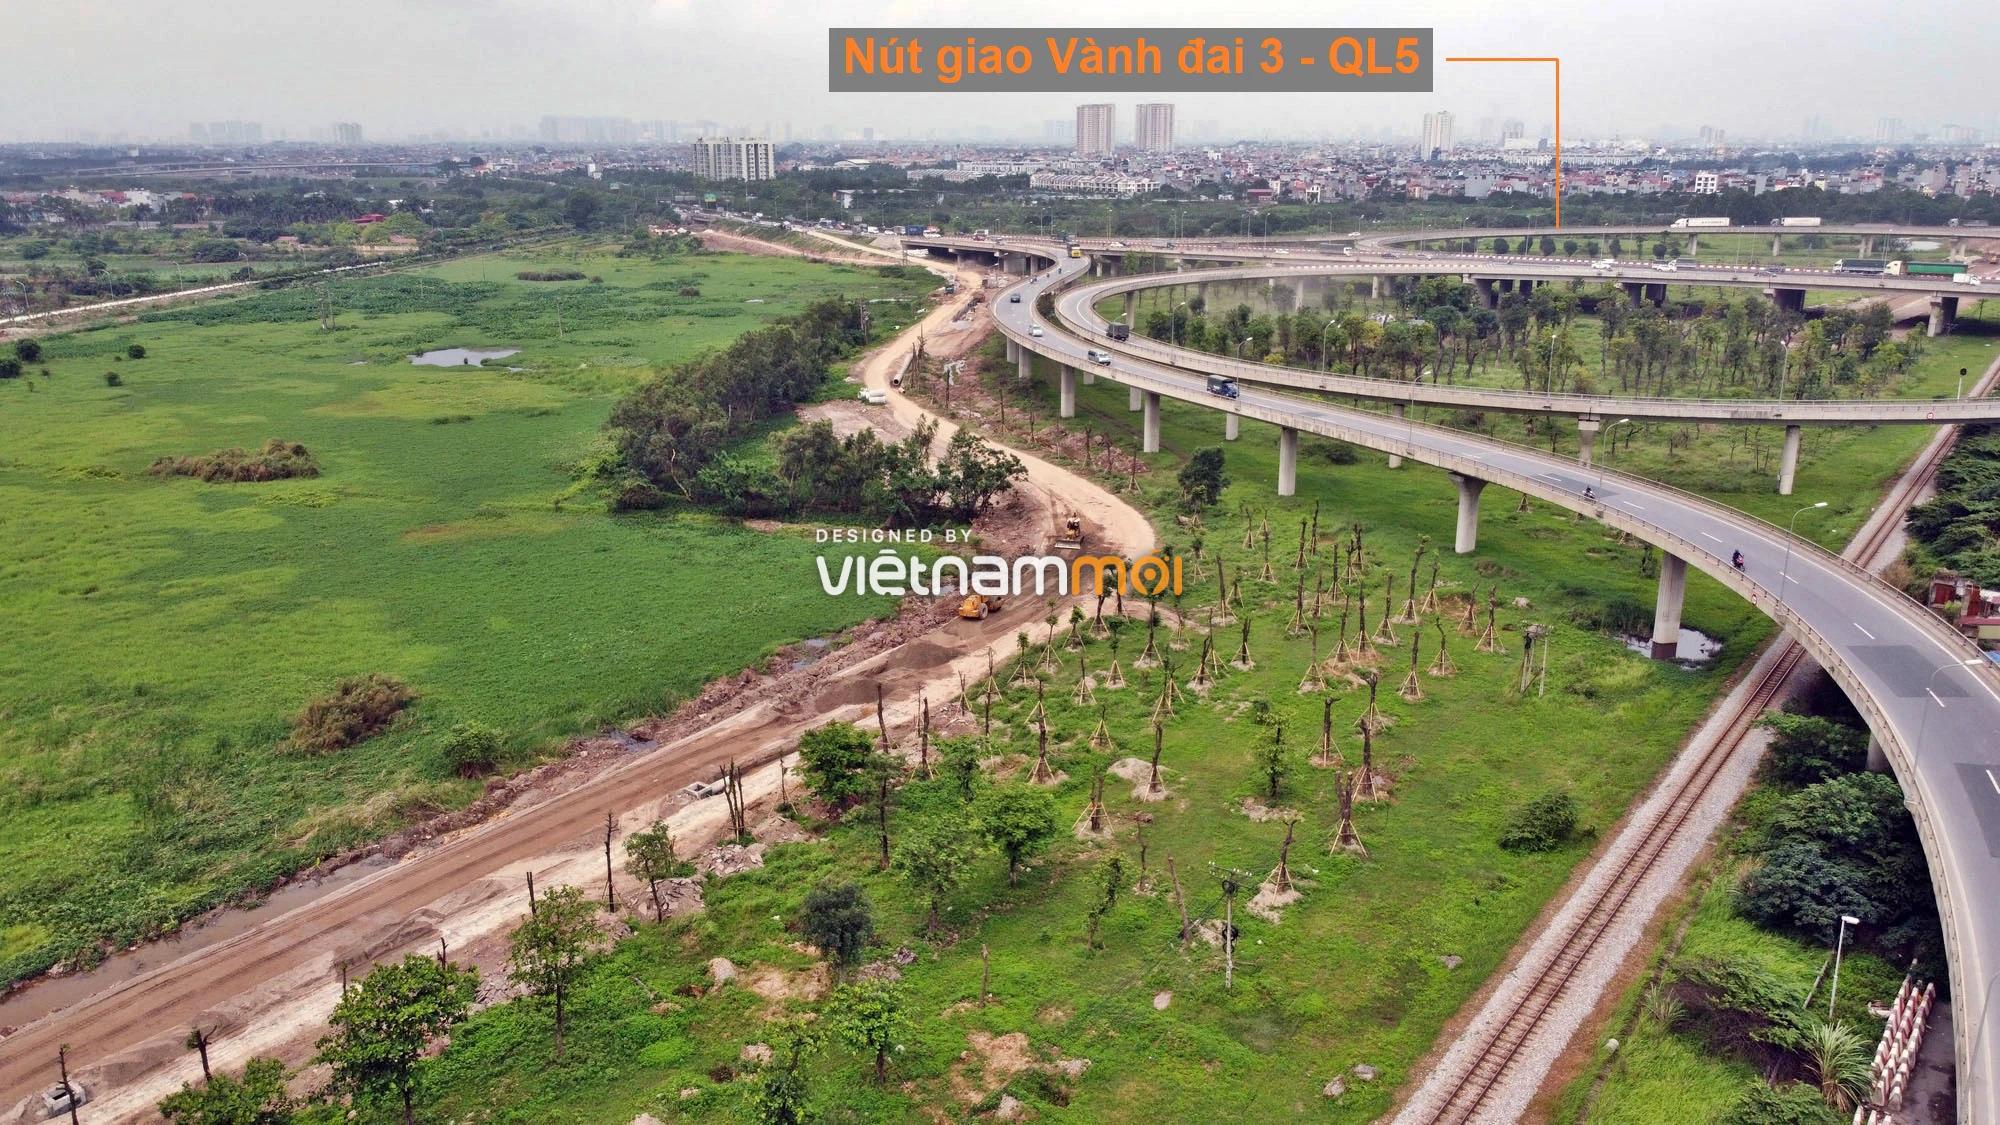 Toàn cảnh tuyến đường gom từ cầu Thanh Trì đến cầu vượt Phú Thị đang mở theo quy hoạch ở Hà Nội - Ảnh 2.